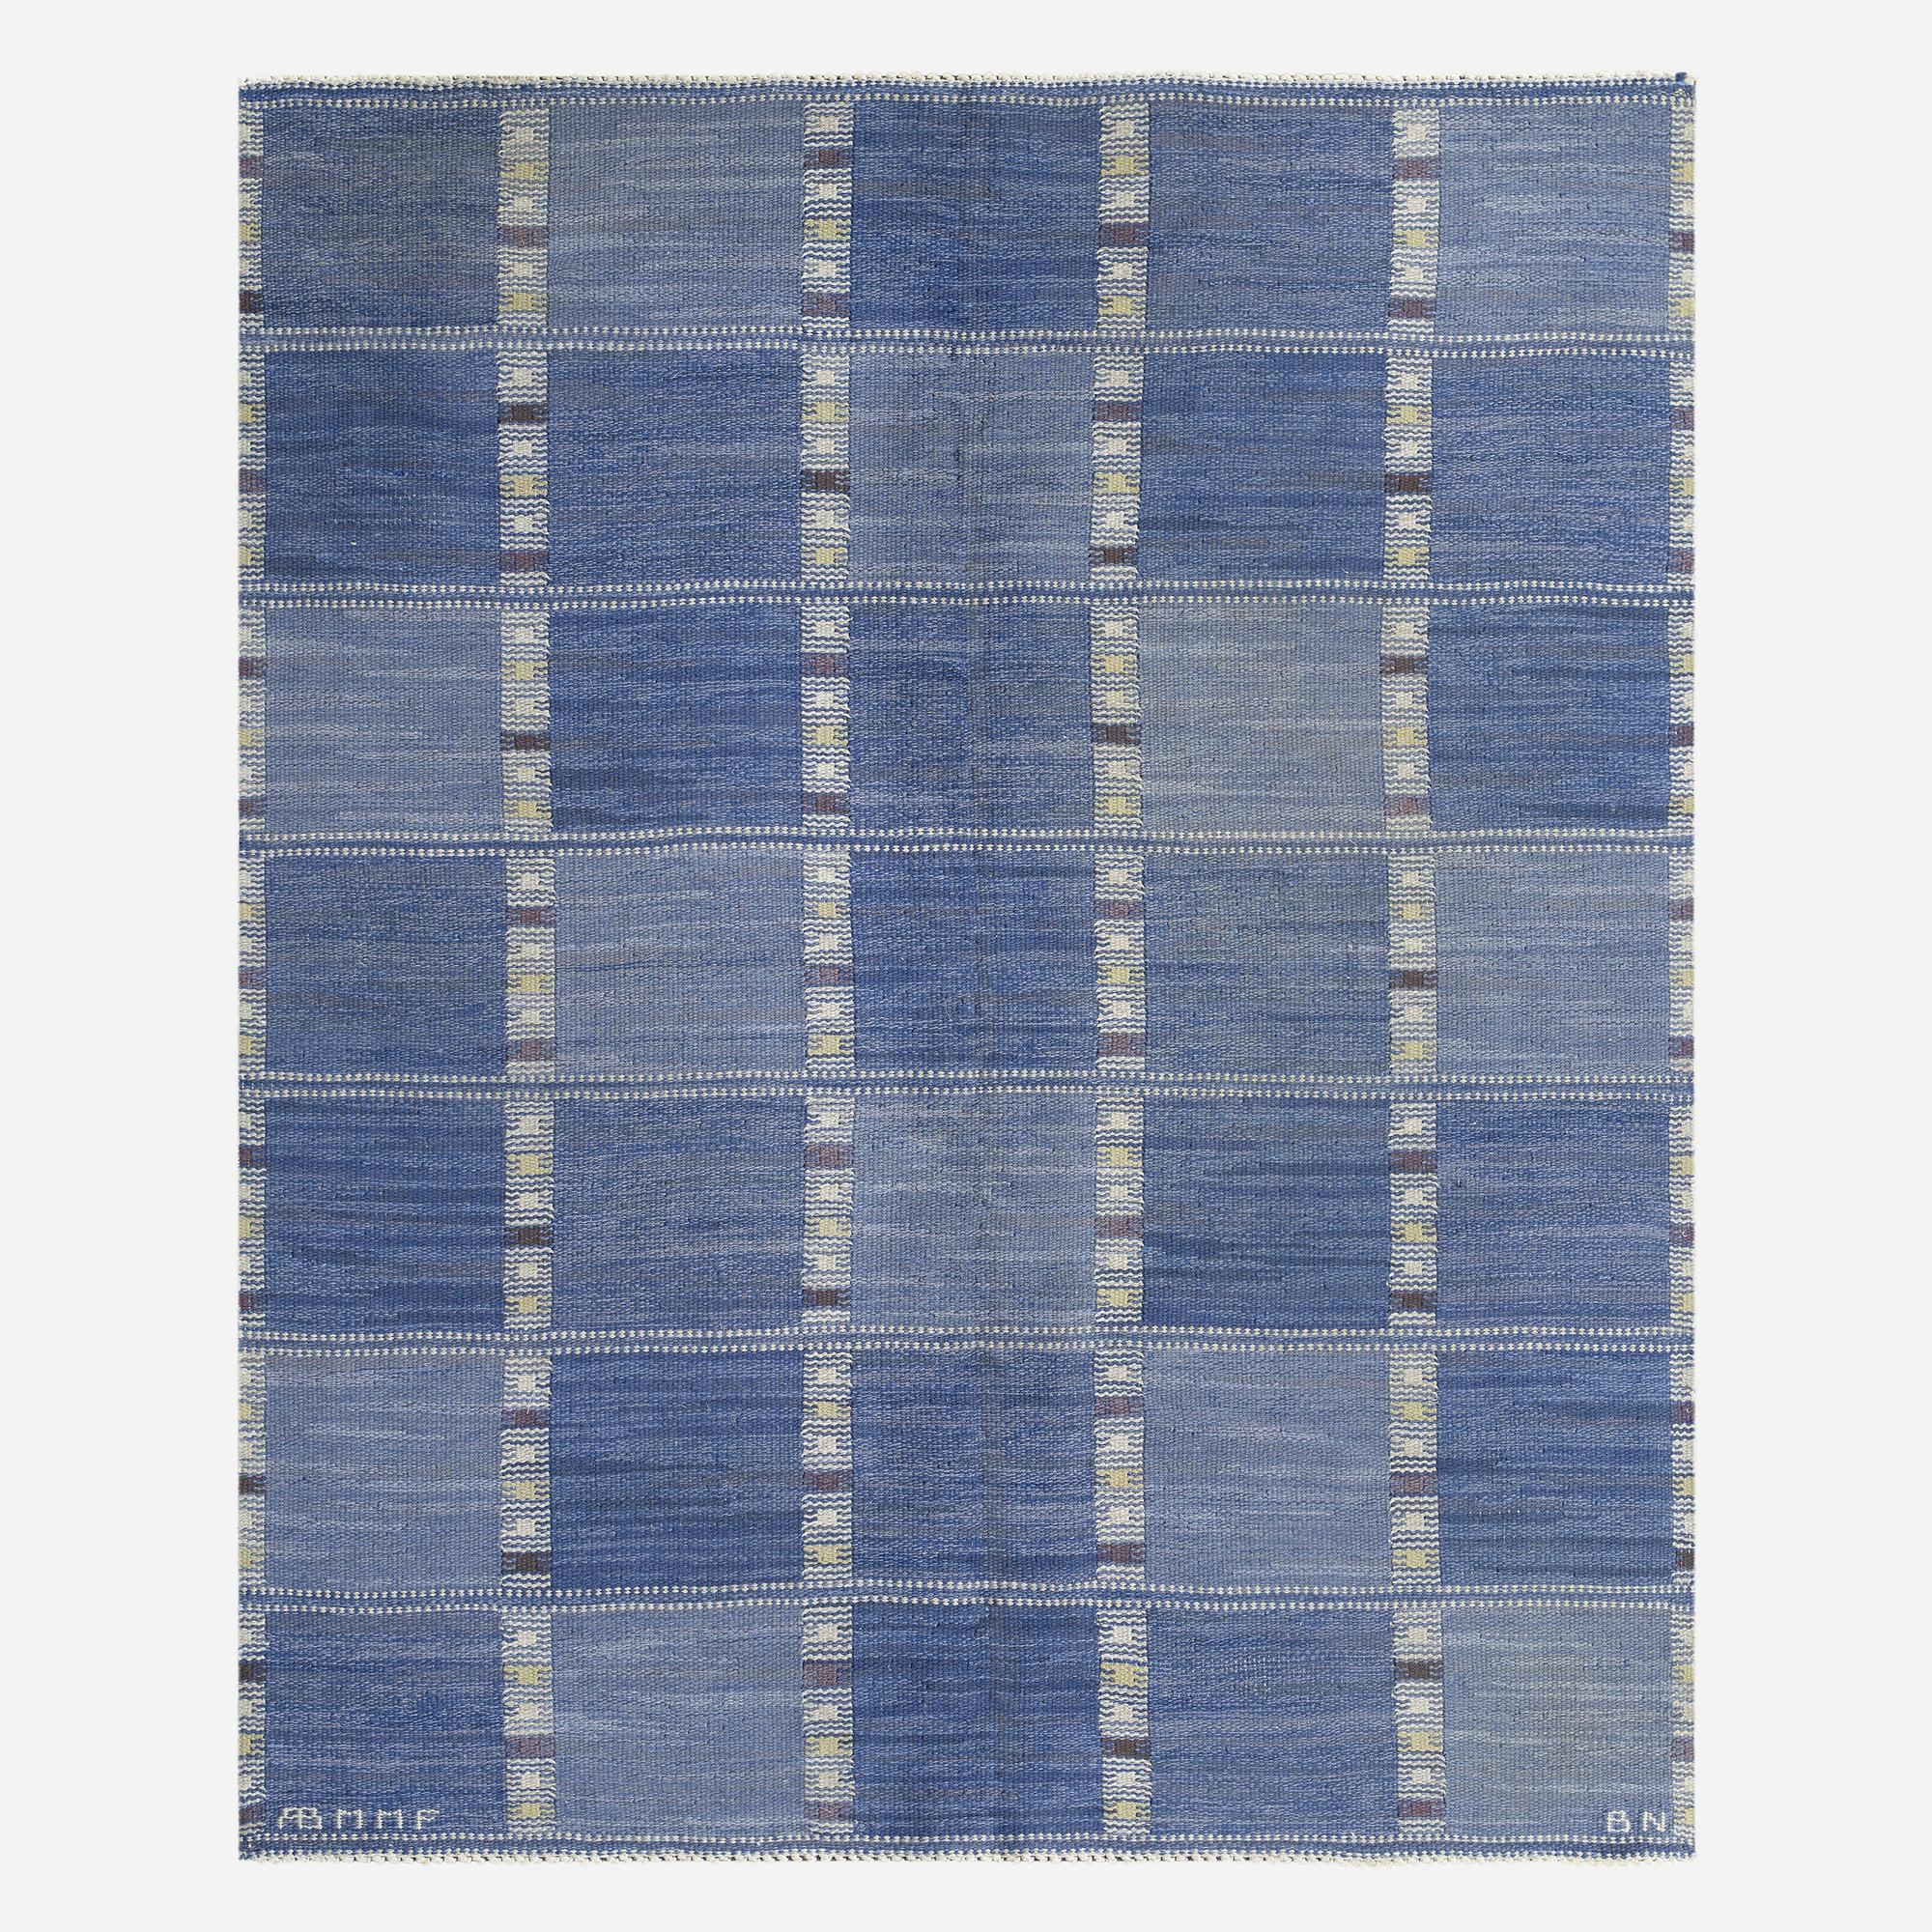 106: Barbro Nilsson / Falurutan flatweave carpet (1 of 3)